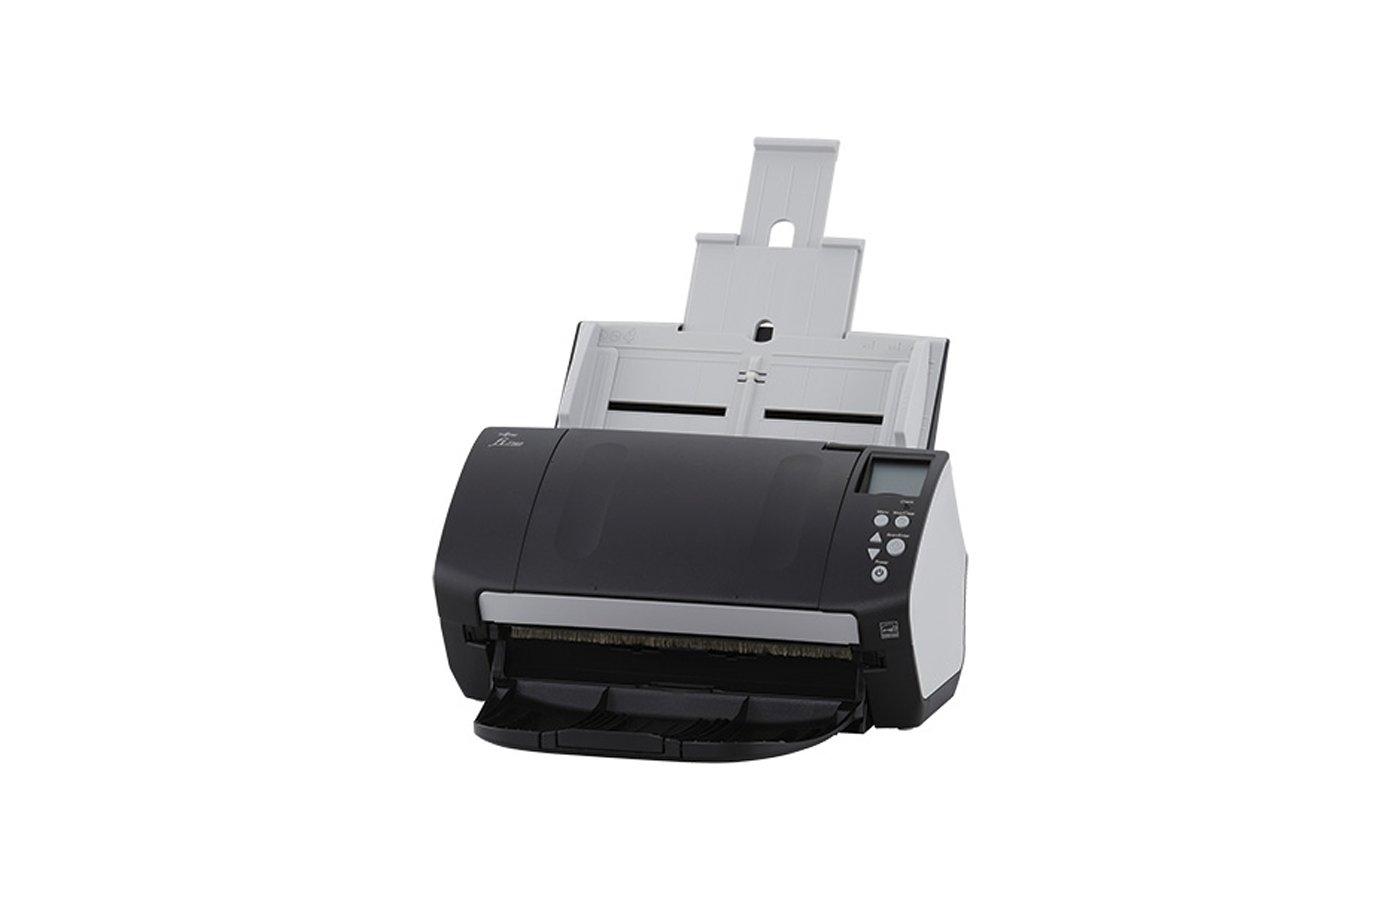 Сканер Fujitsu fi-7180 /PA03670-B001/